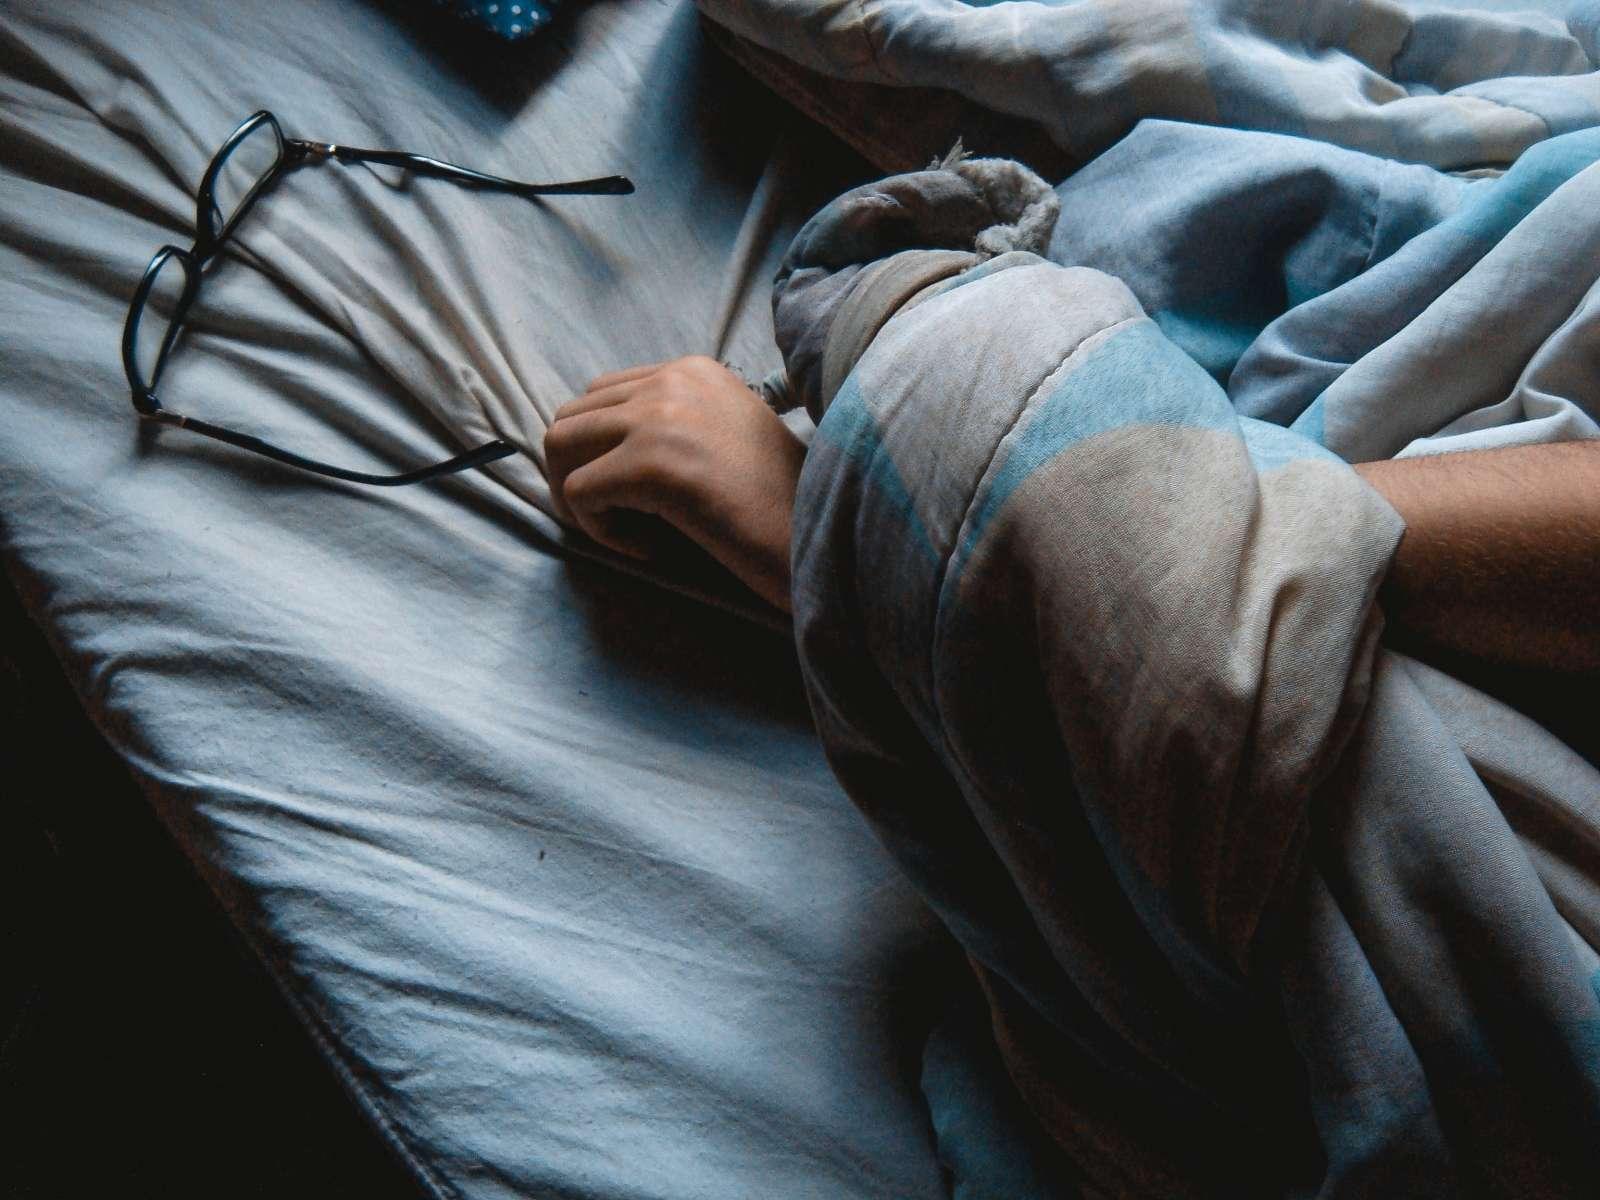 Soins palliatifs – les médicaments plus accessibles pour les patients